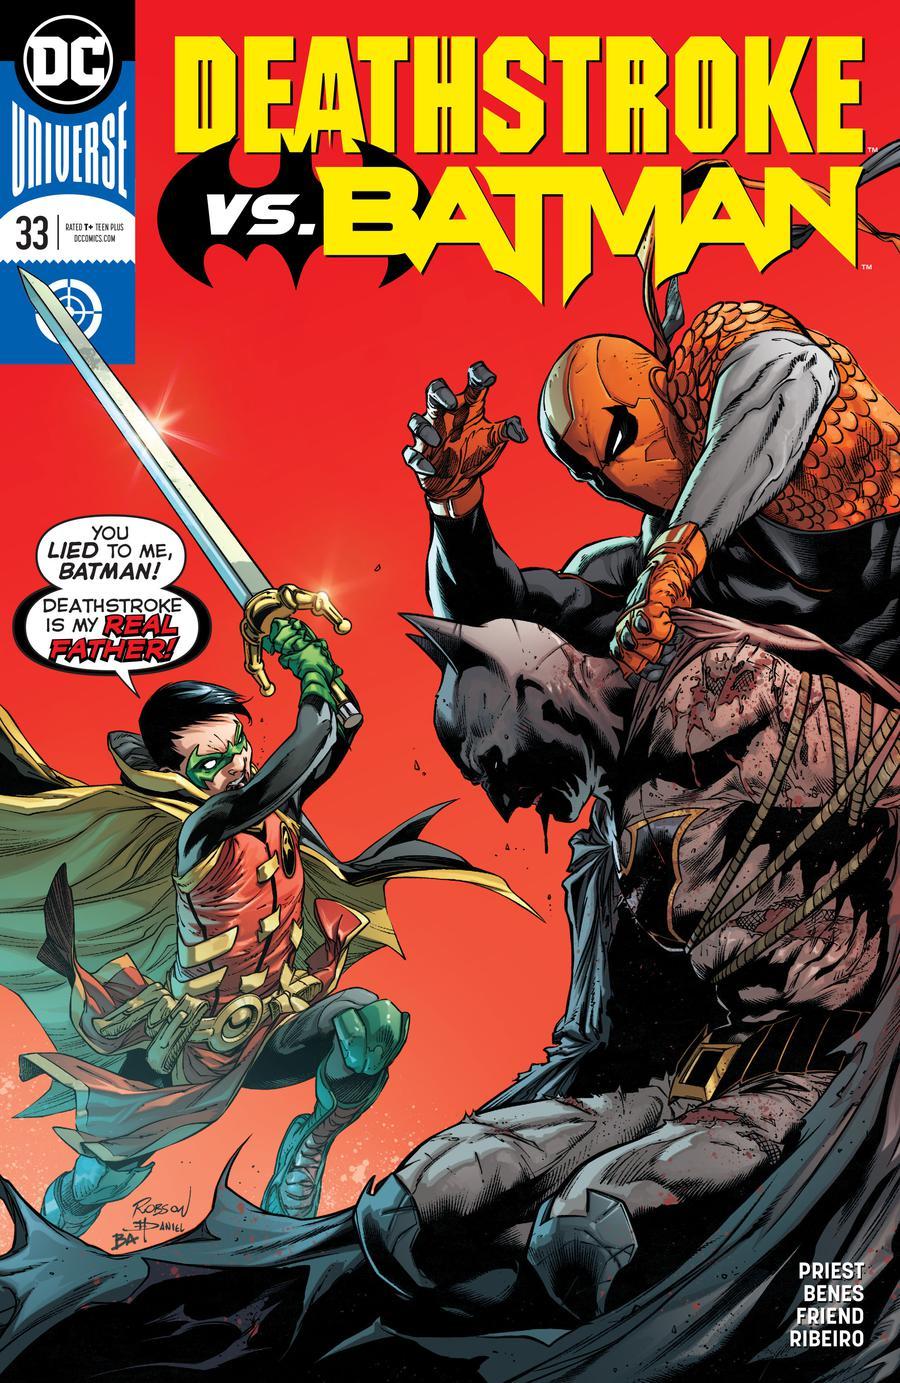 Deathstroke Vol 4 #33 Cover A Regular Robson Rocha & Daniel Henriques Cover